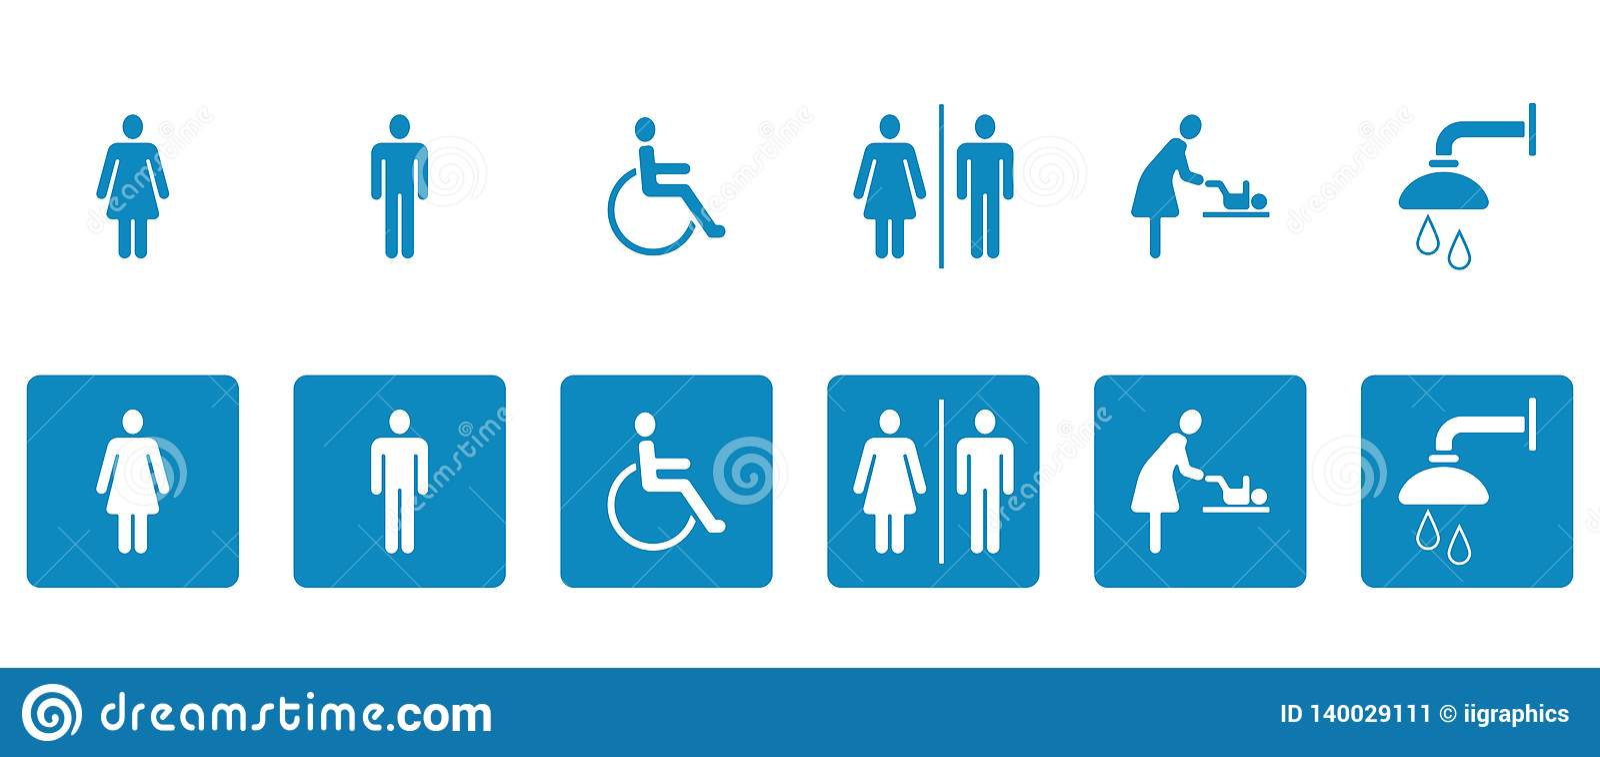 Pictogramas del WC y de los retretes - Iconset